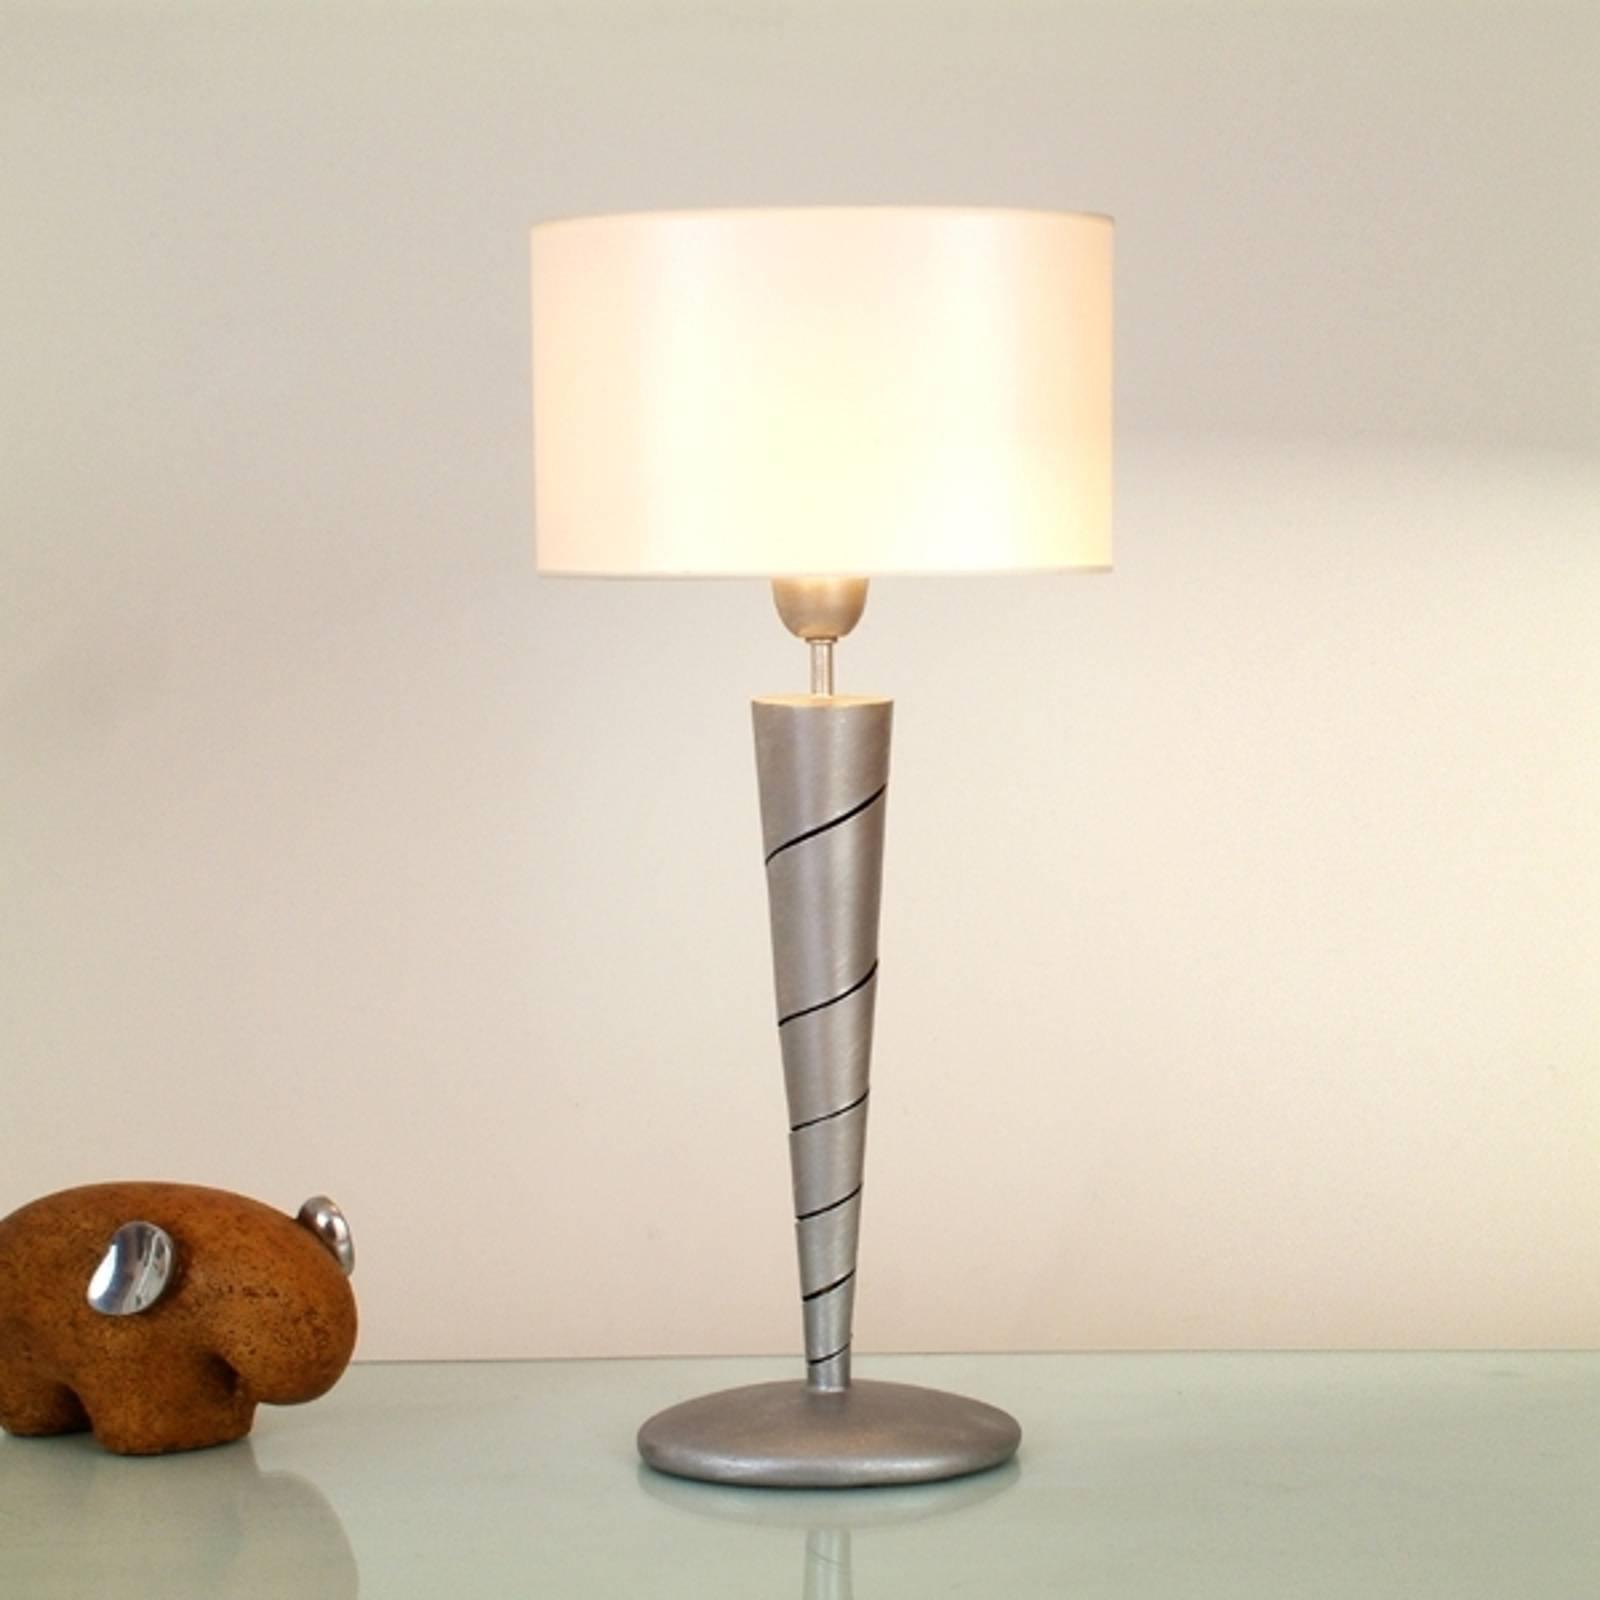 Eksklusiv INNOVAZIONE bordlampe av jern sølv